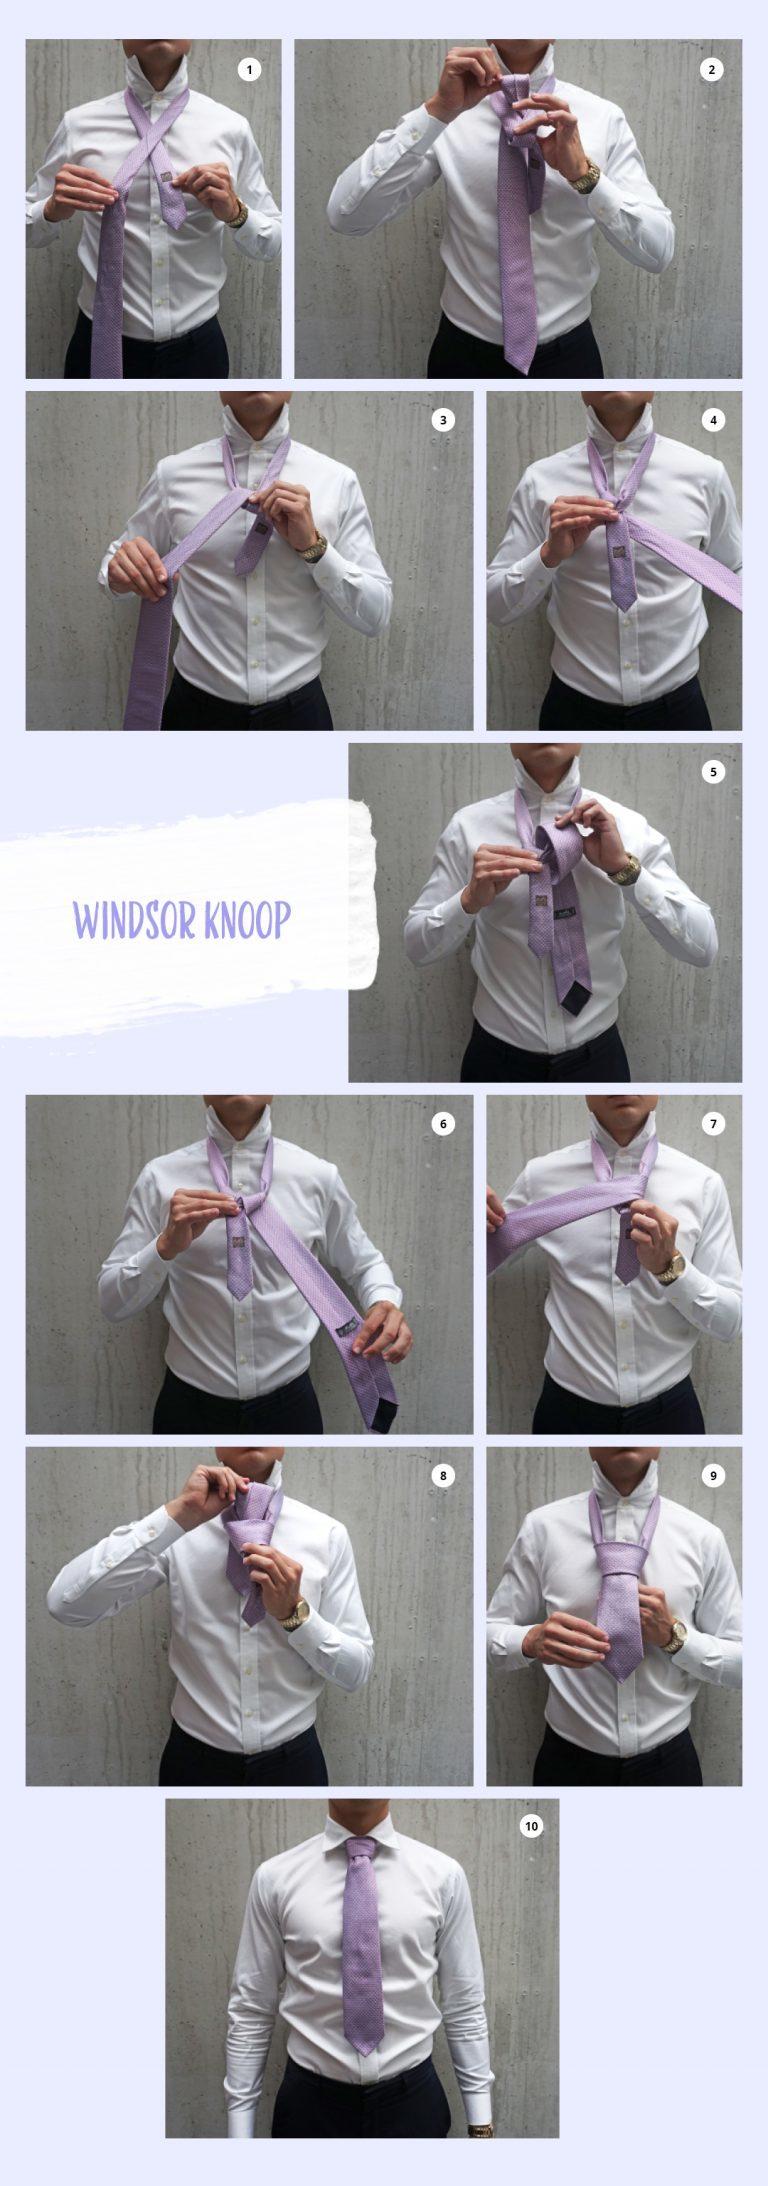 De windsor knoop: hoe strikken